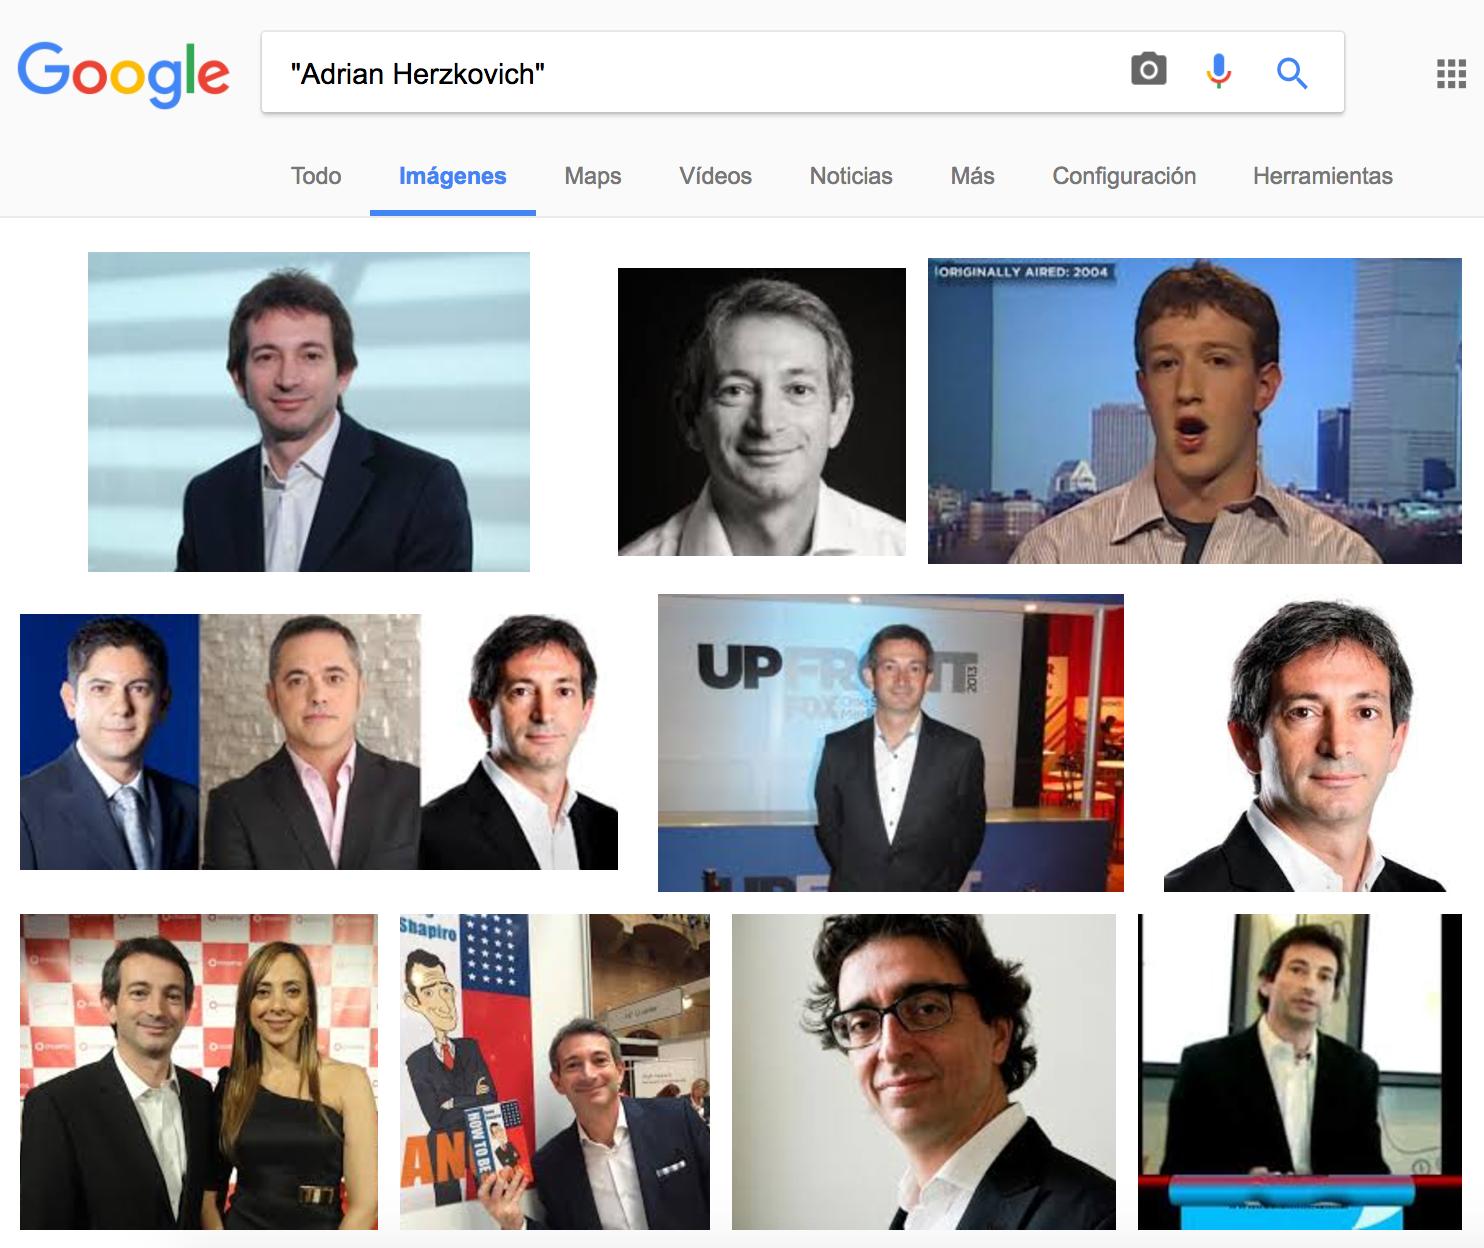 Adrian Herzkovich - Google - Imágenes